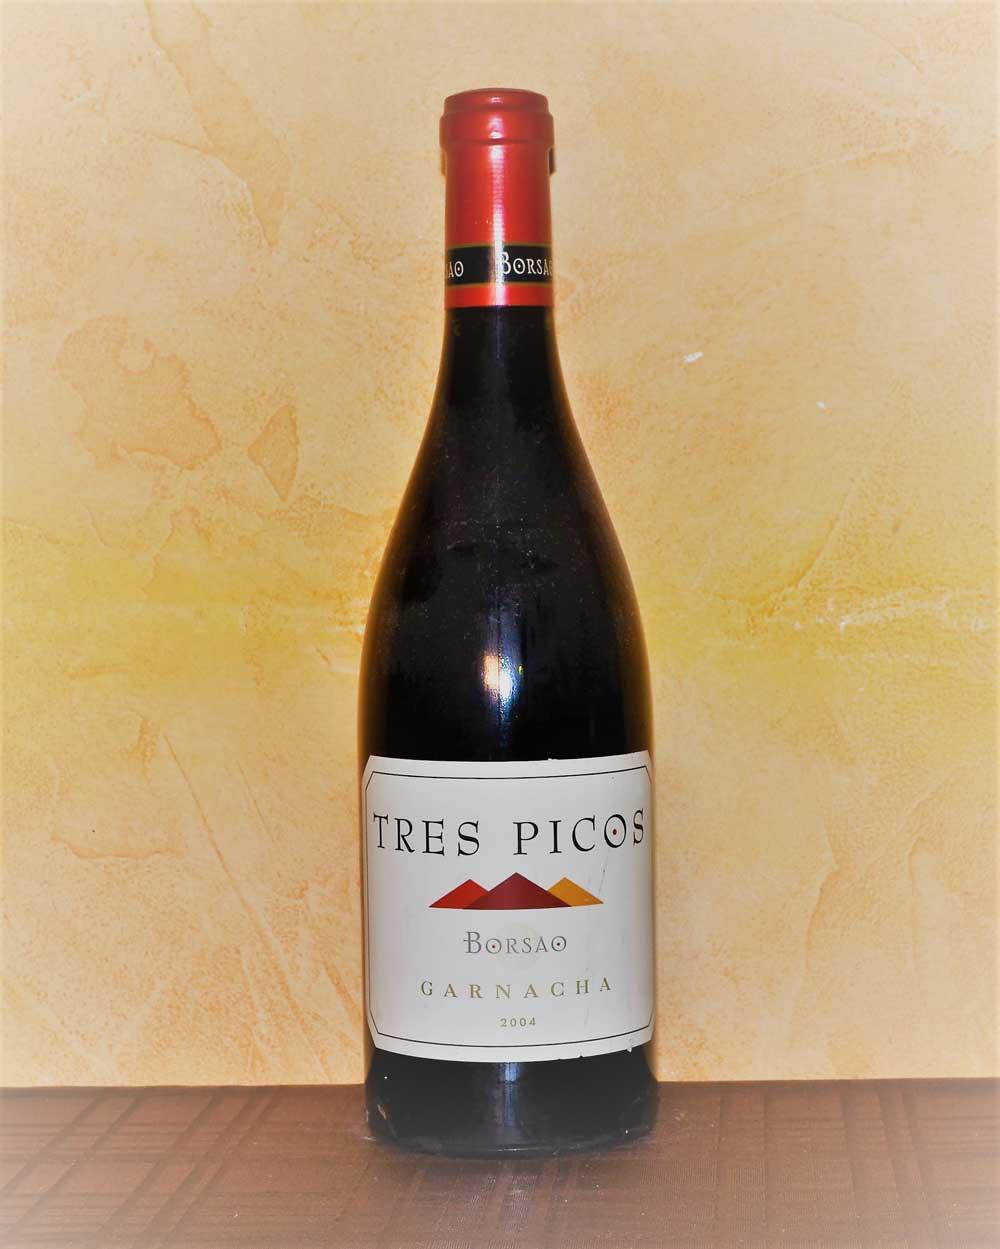 Borsao Tres Picos 2004